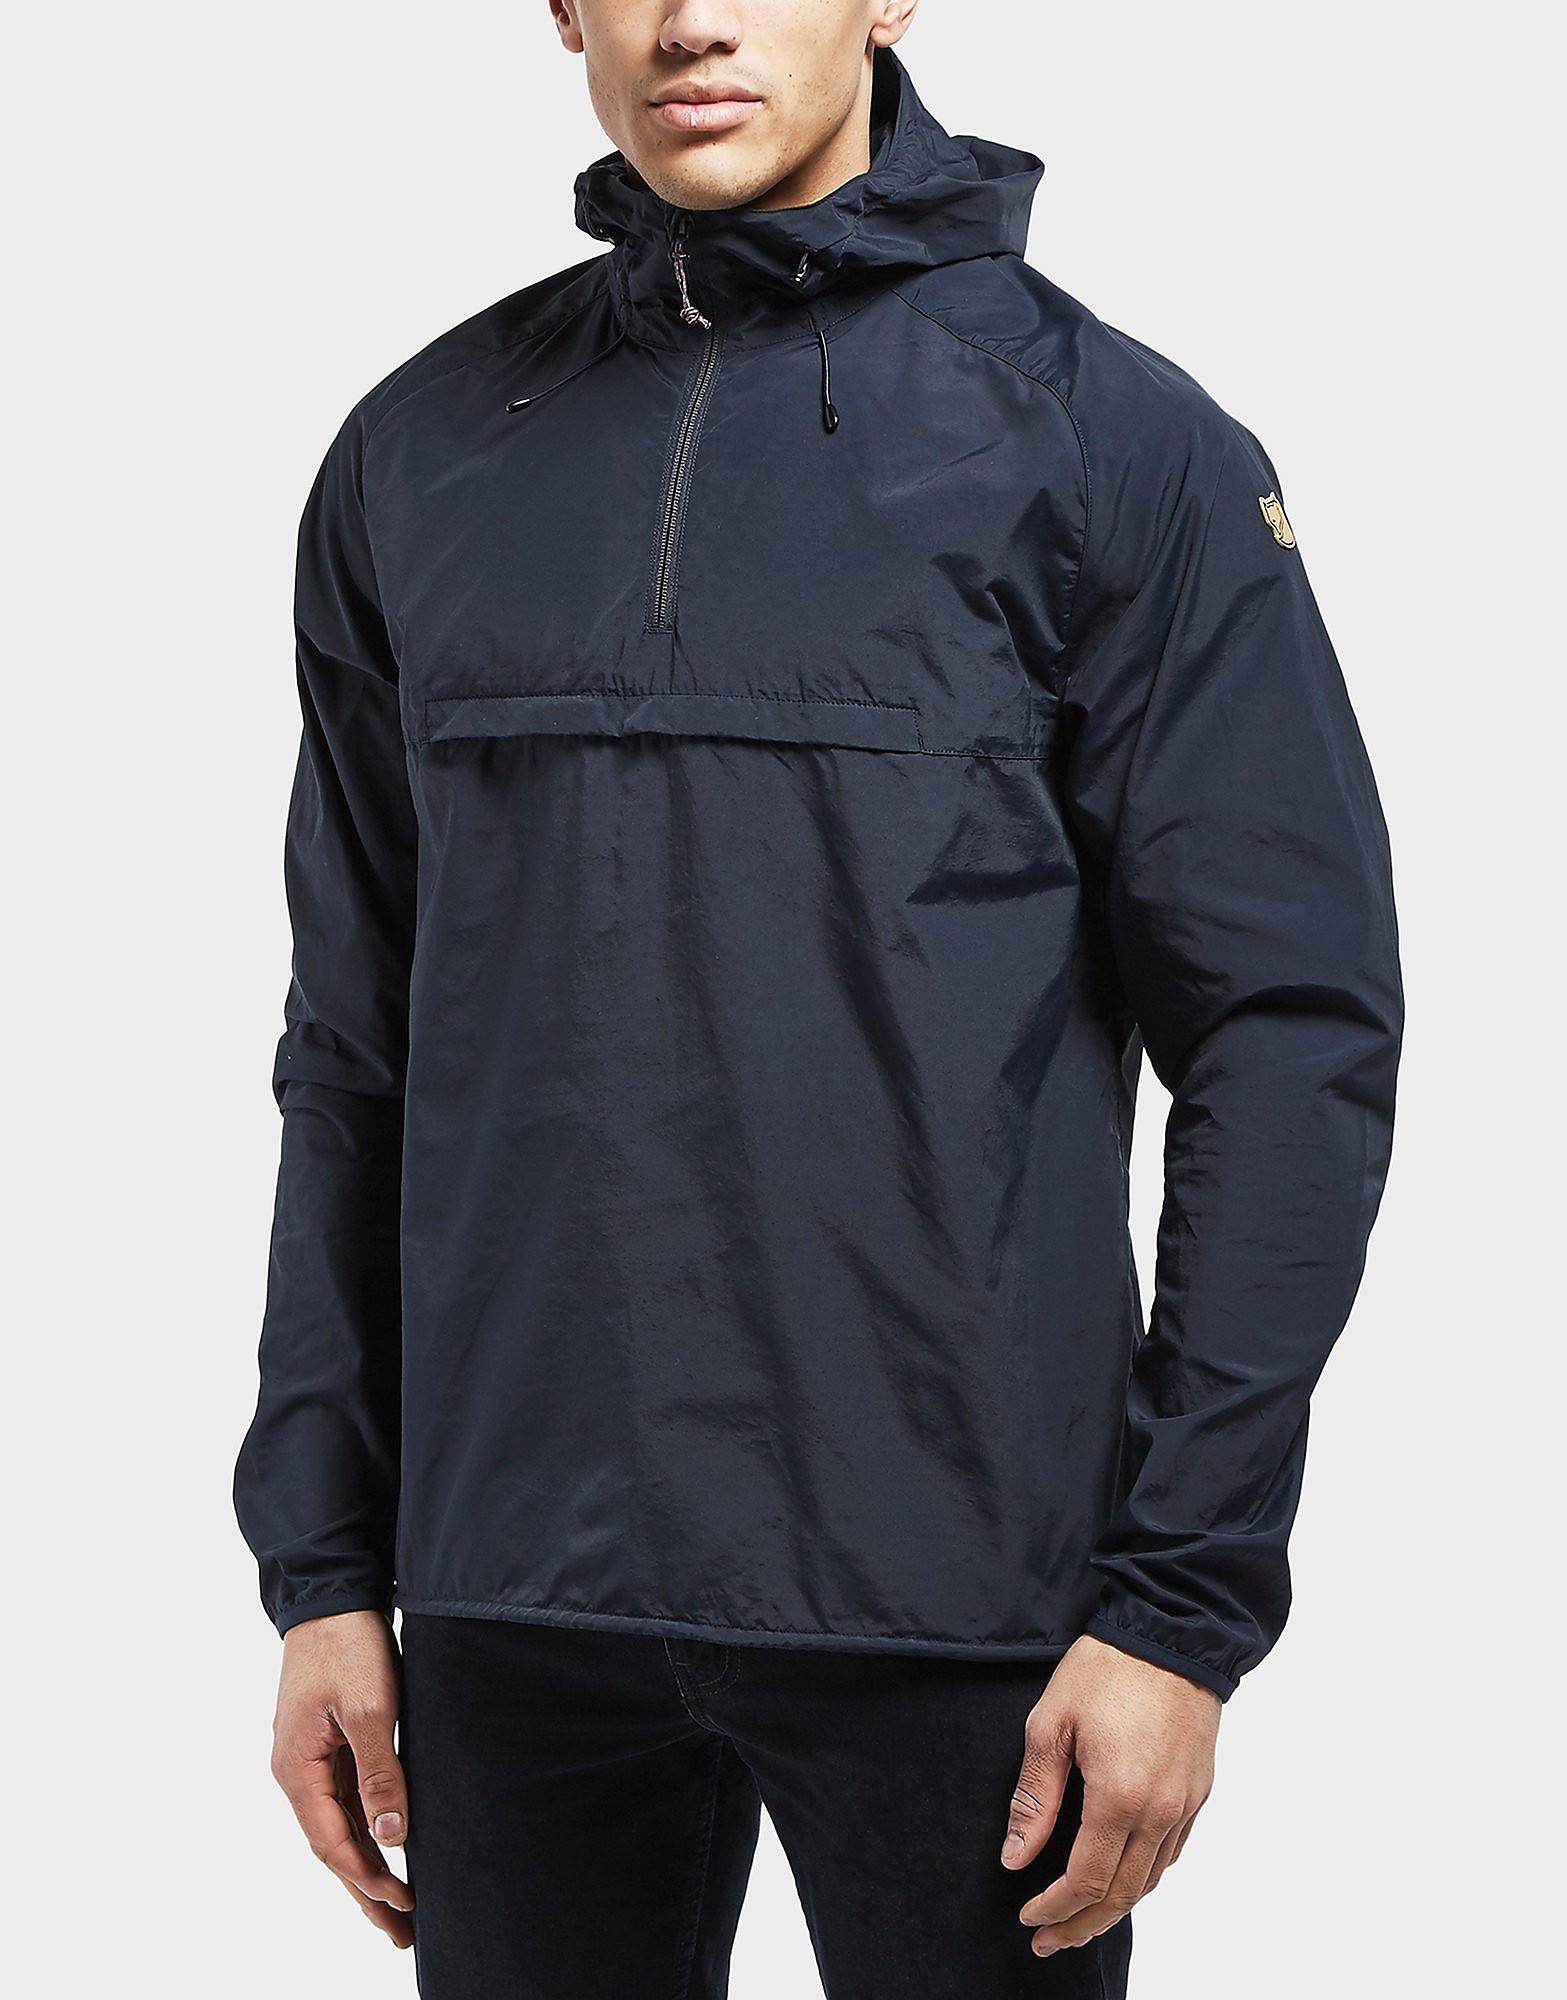 Fjallraven High Coast Jacket